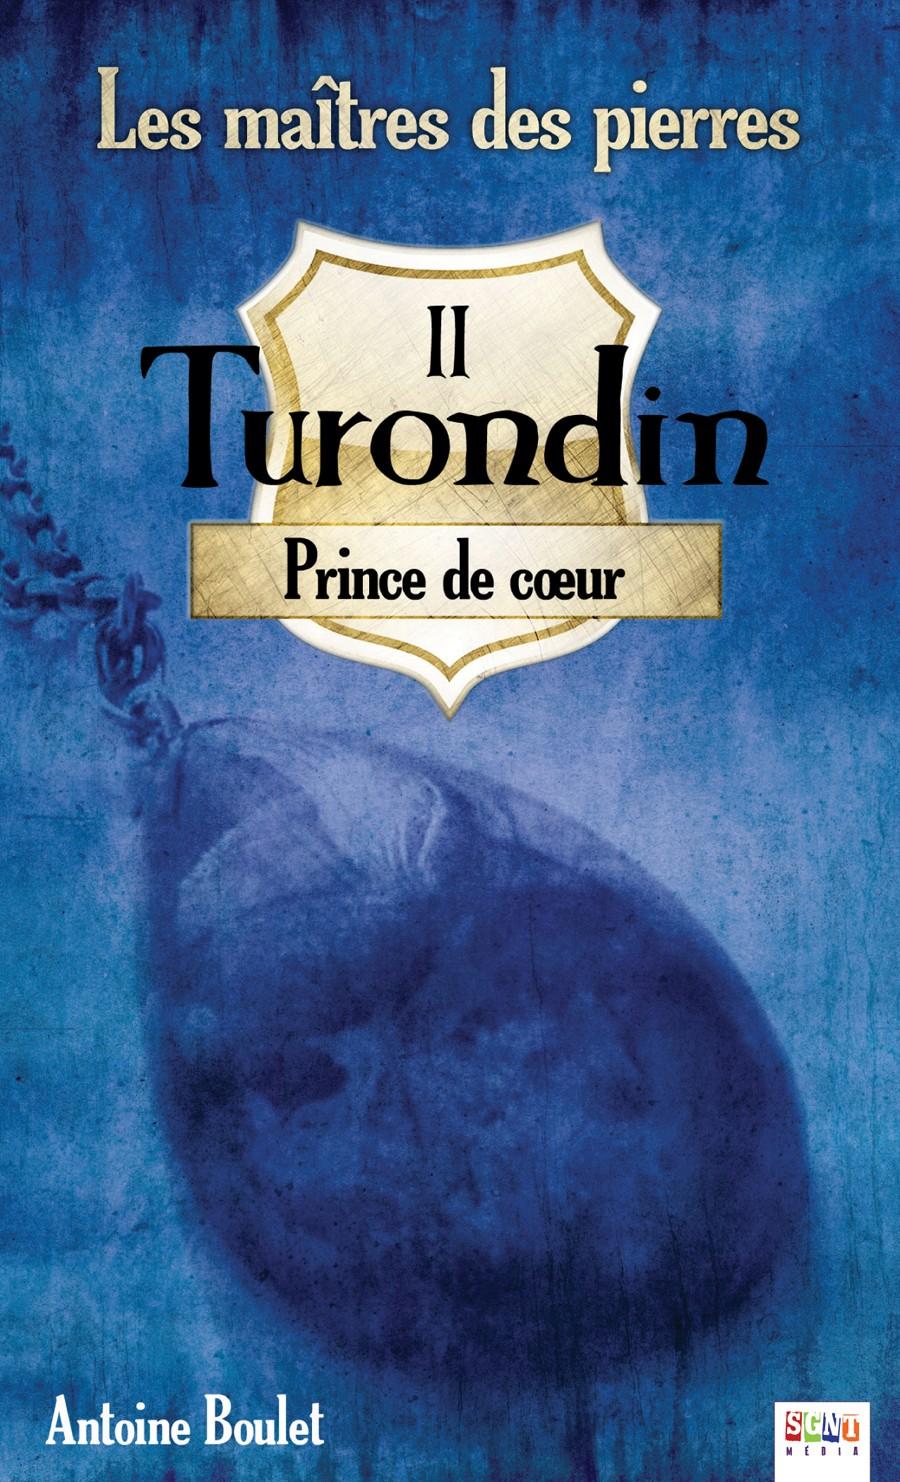 les-ma_tres-des-pierres_2_turondin_princes-de-coeur.jpg